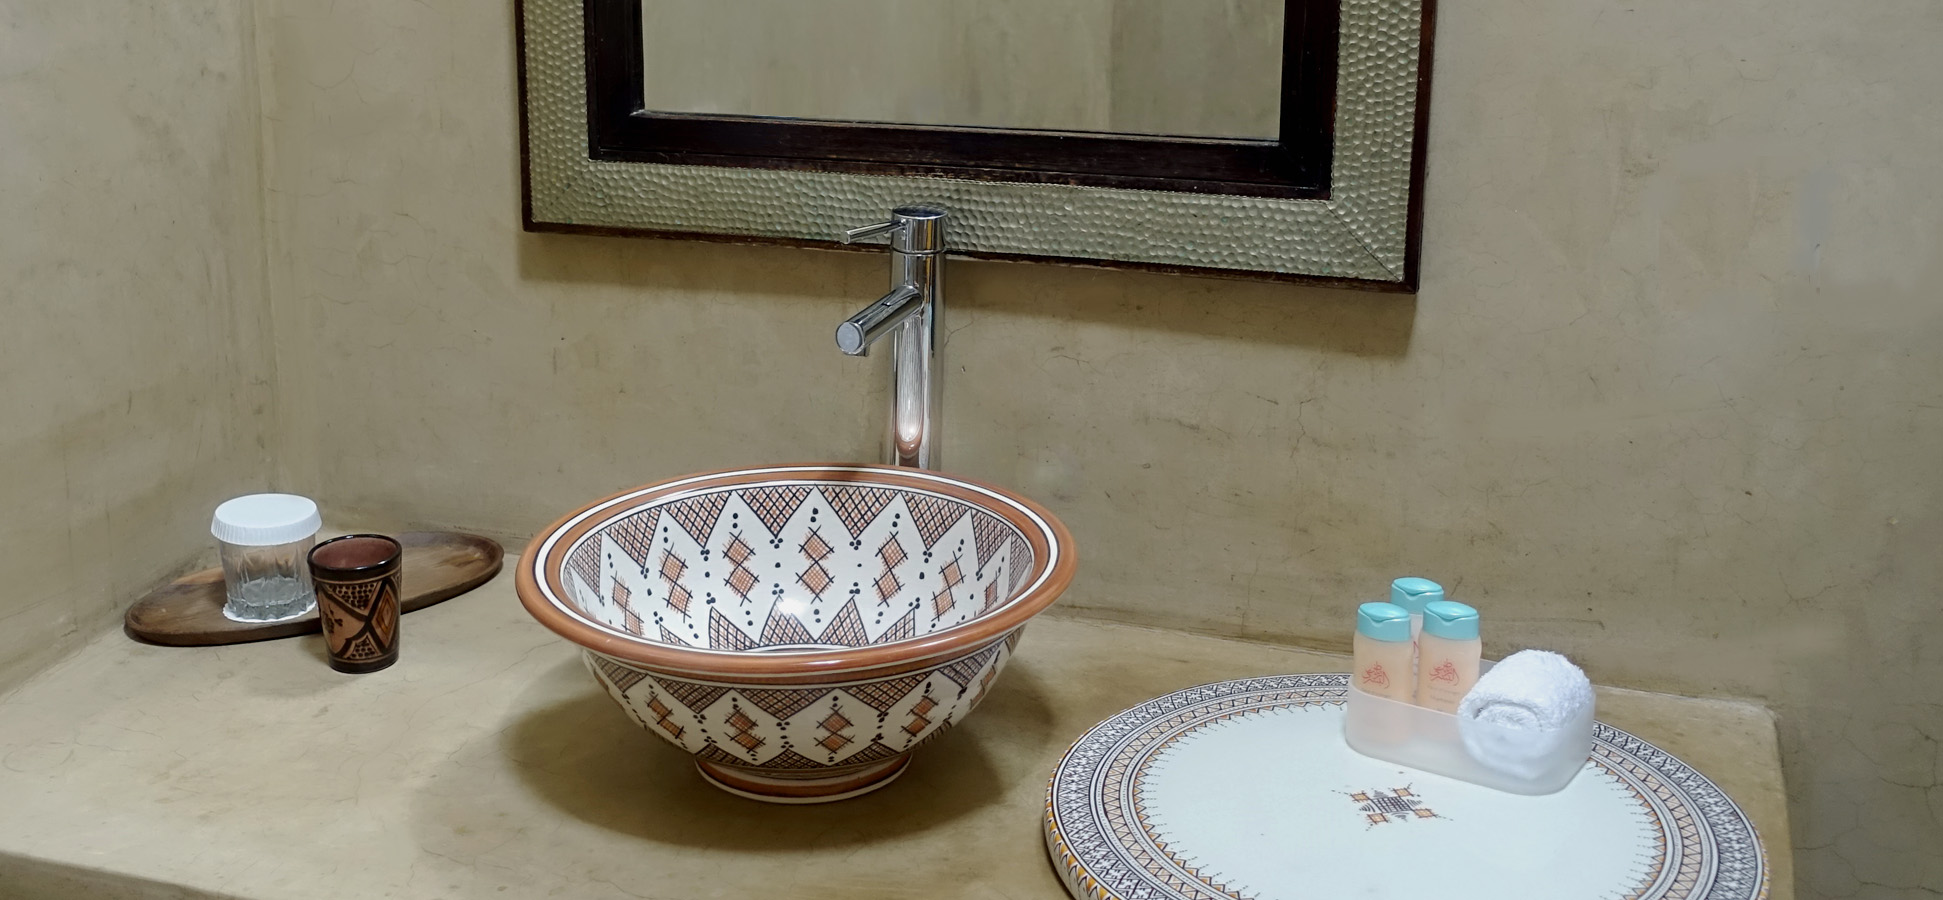 Jauzi 4 Bathroom Sink